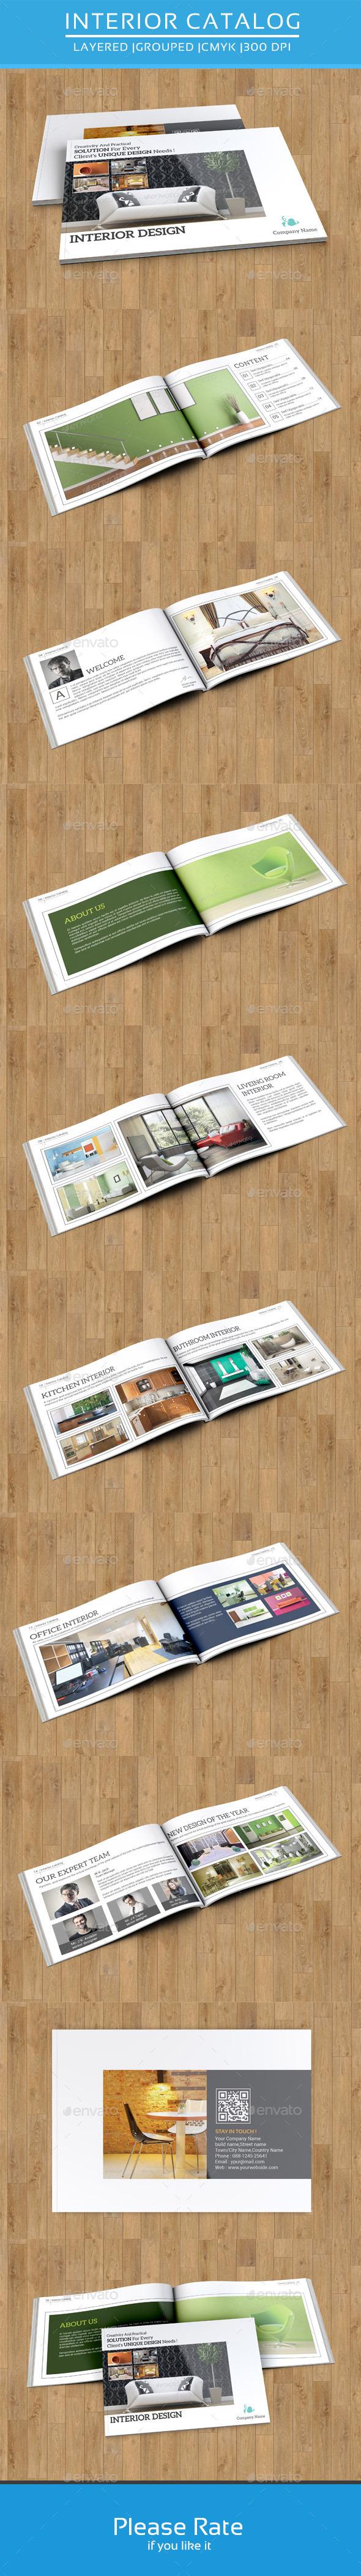 Interior Catalog Template-V36